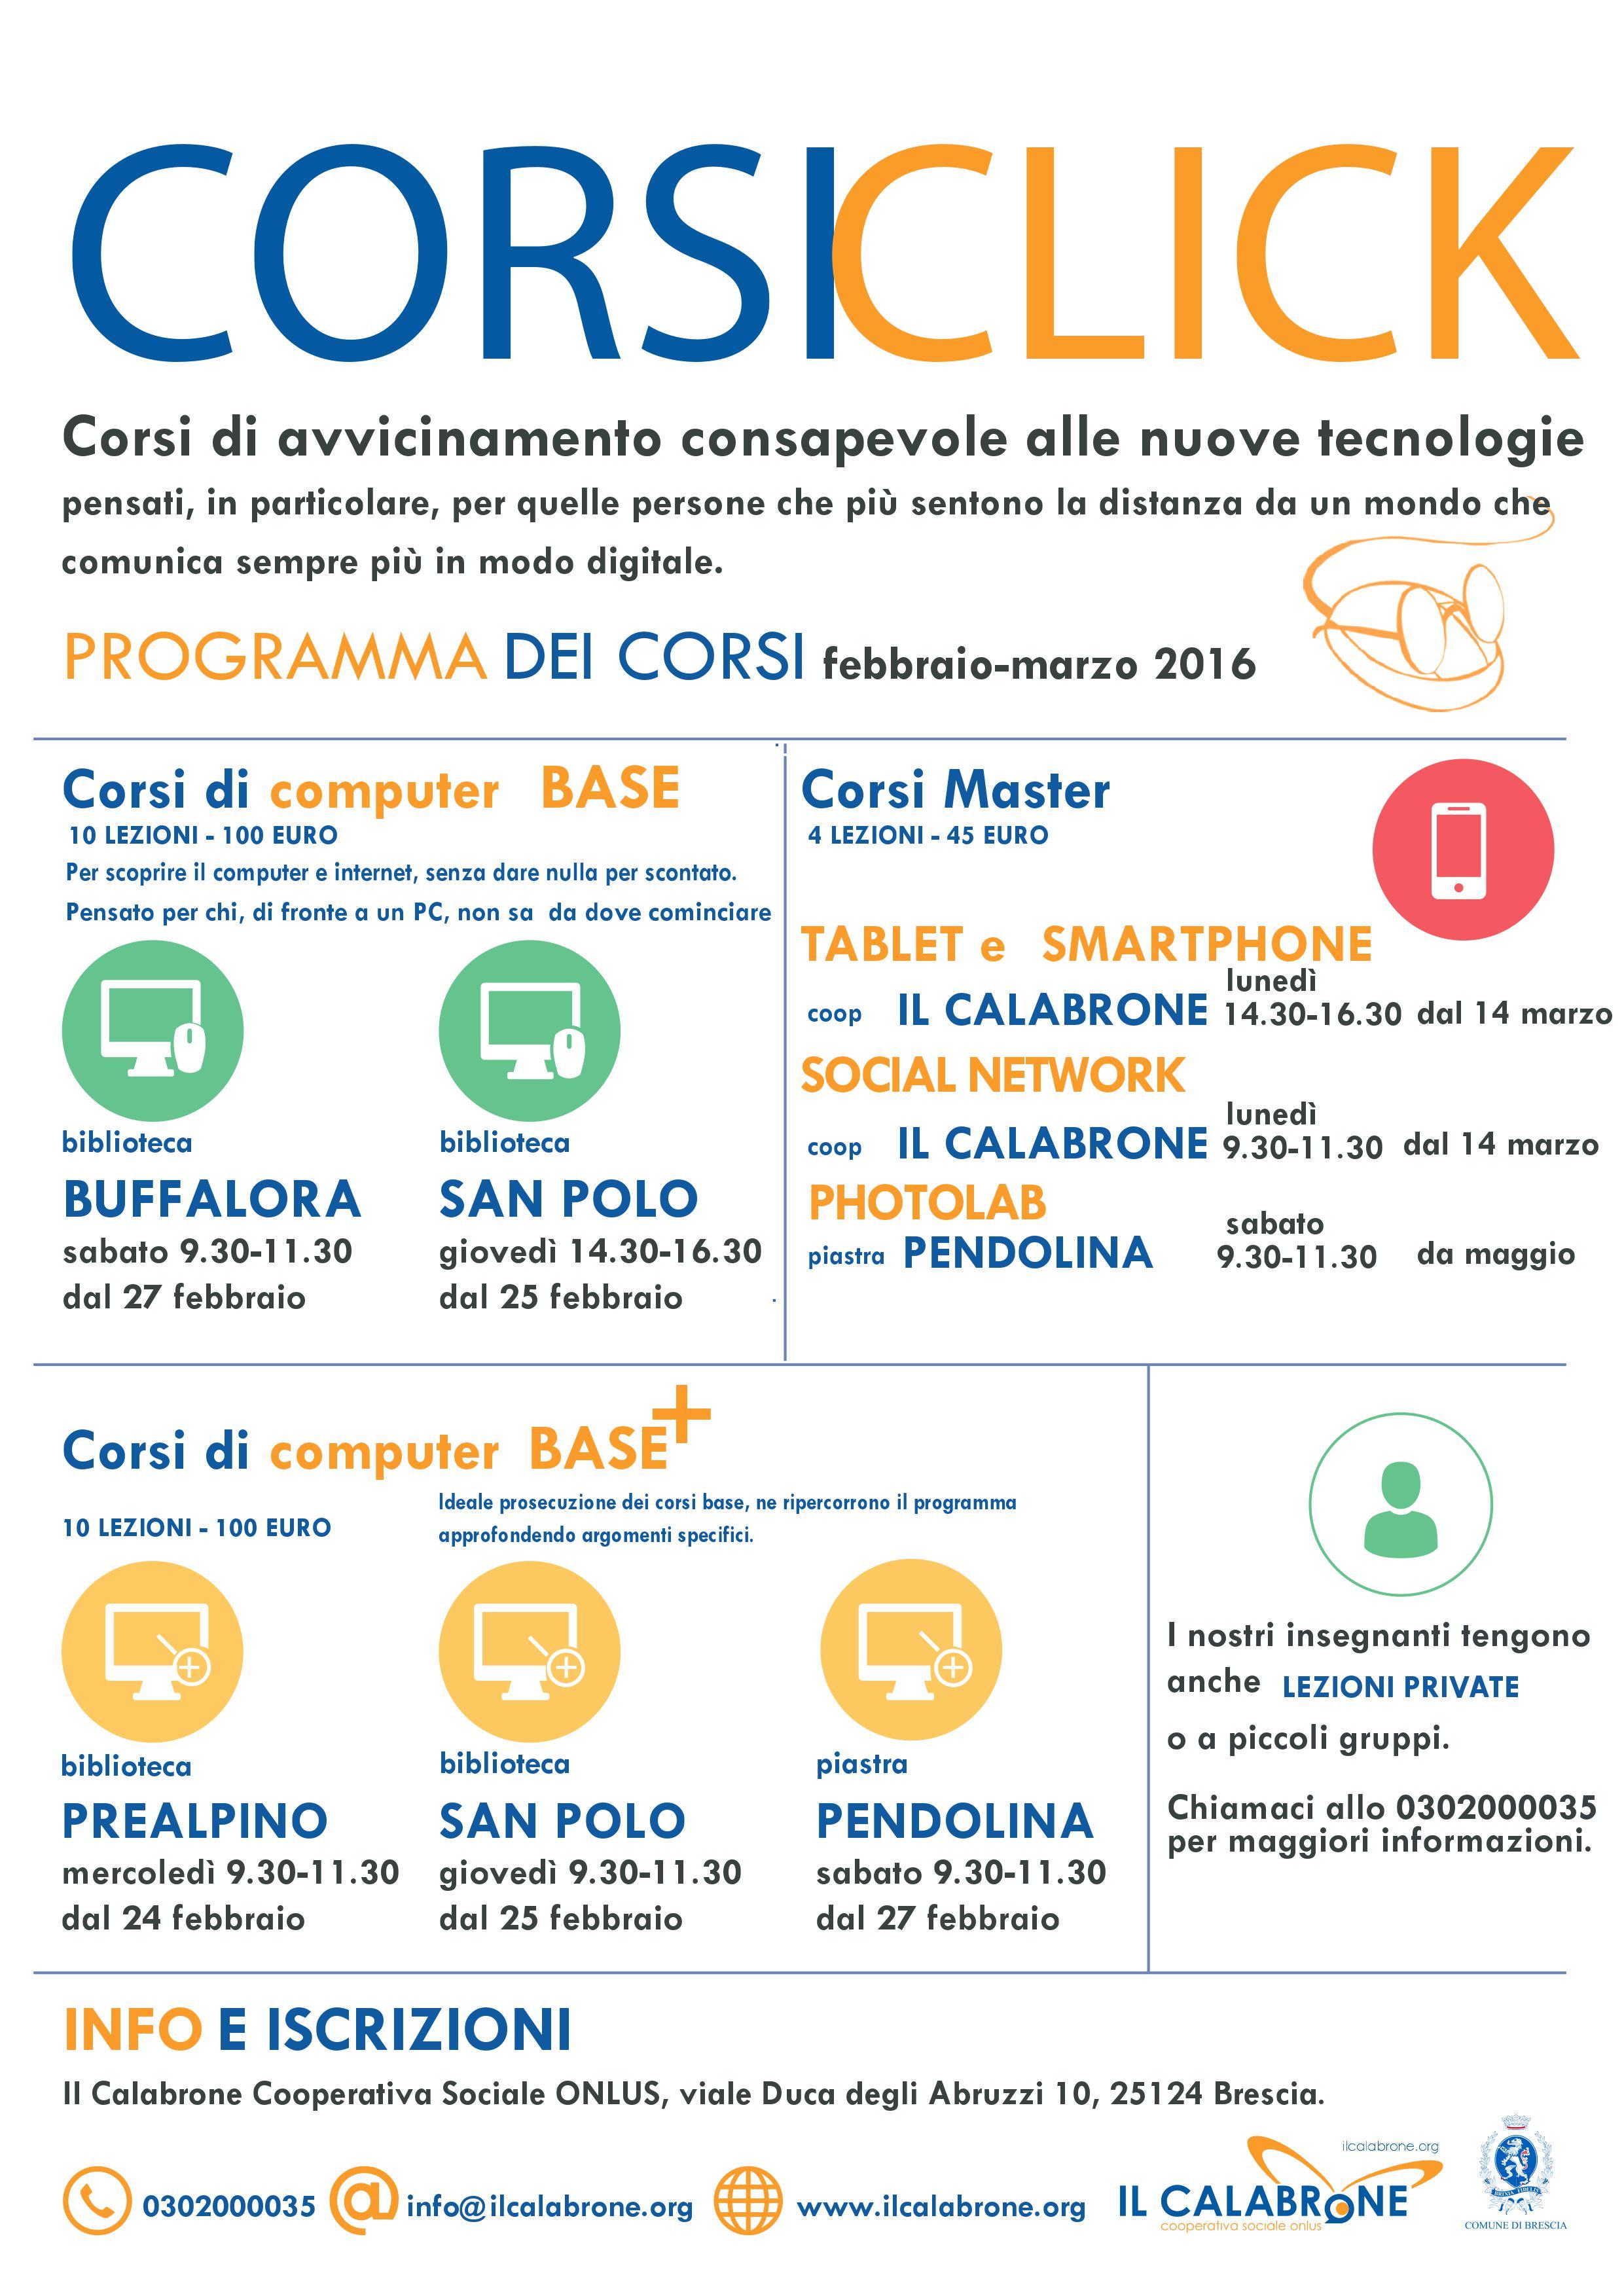 corsi click febbraio 2016